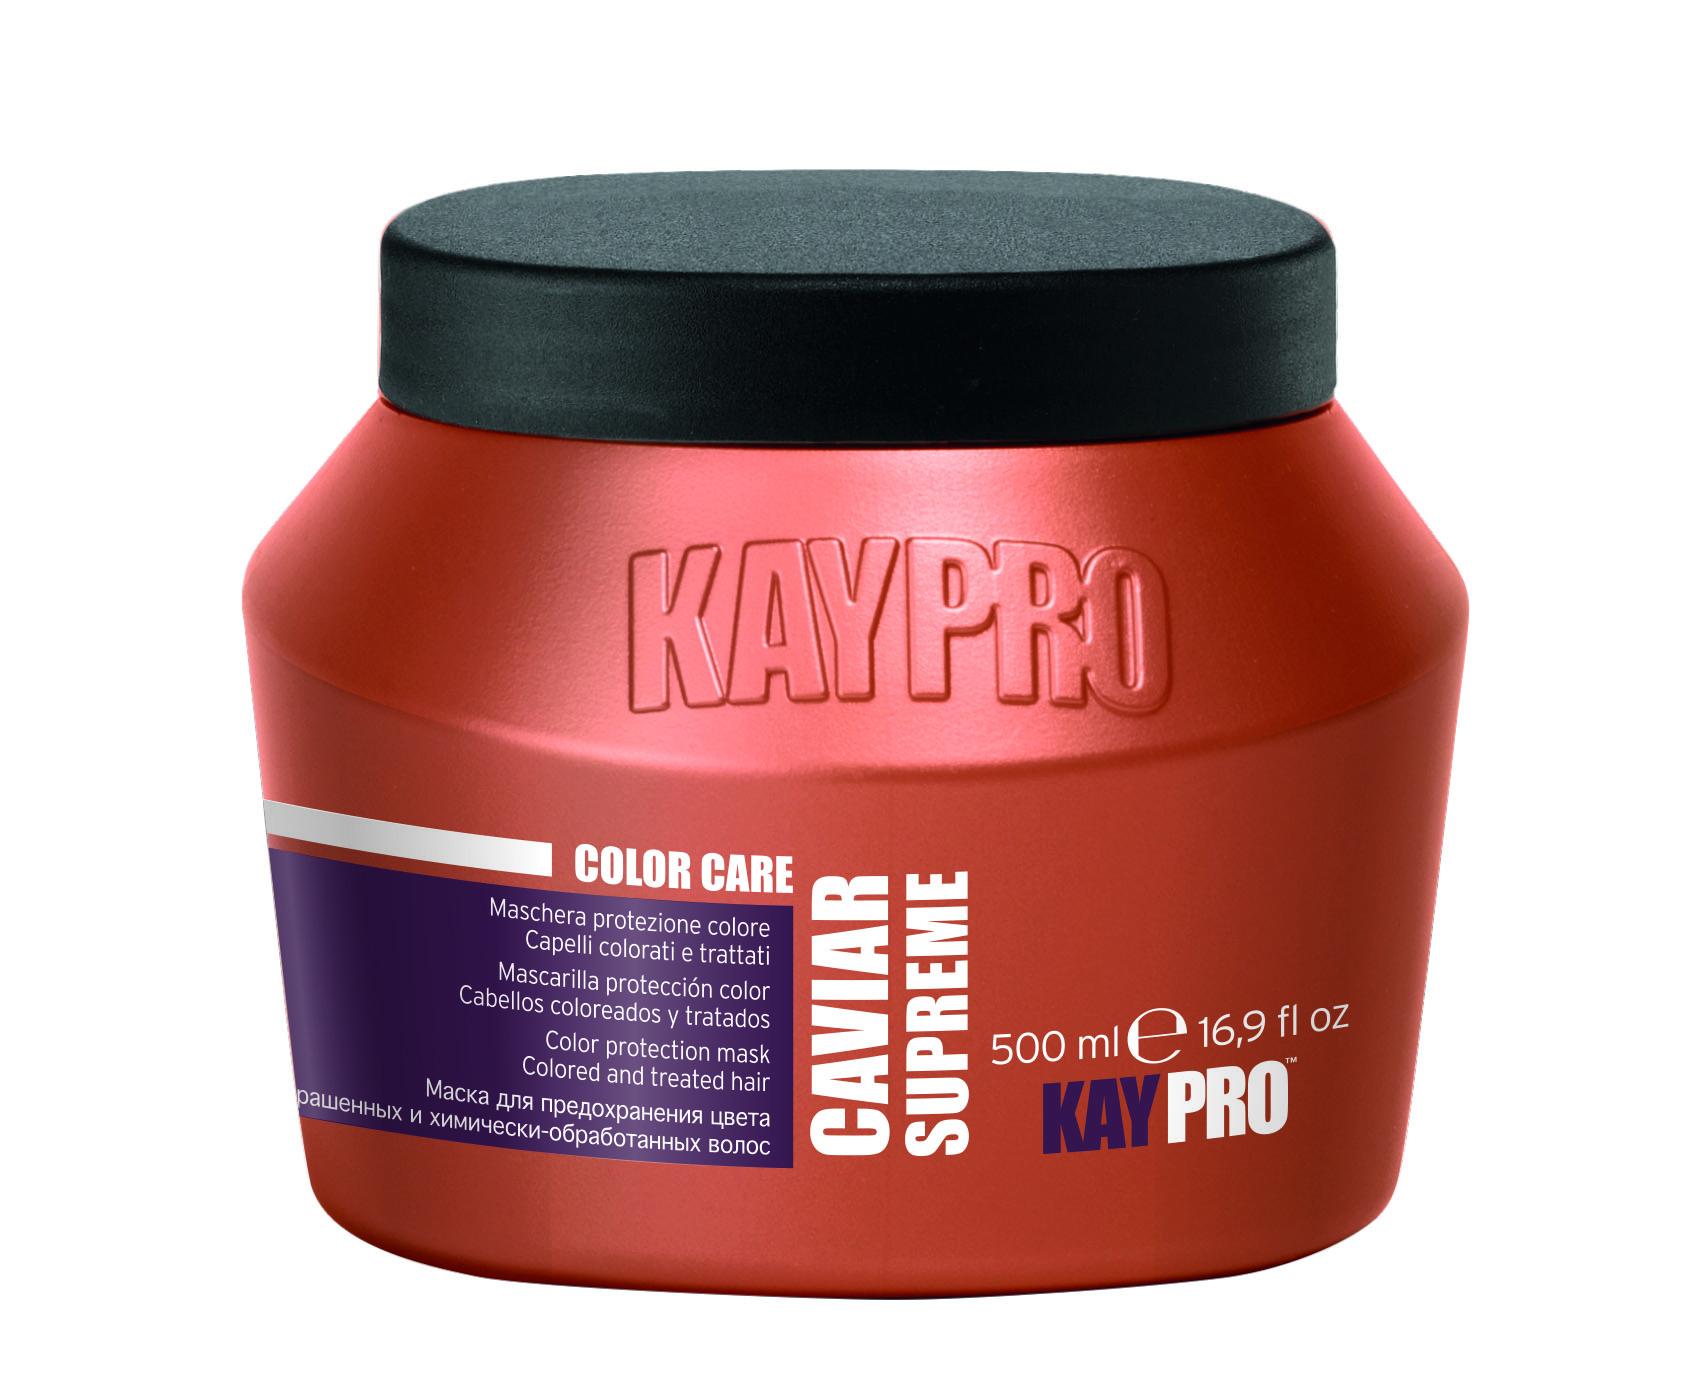 KAYPRO Маска с икрой для защиты цвета / KAYPRO 500мл